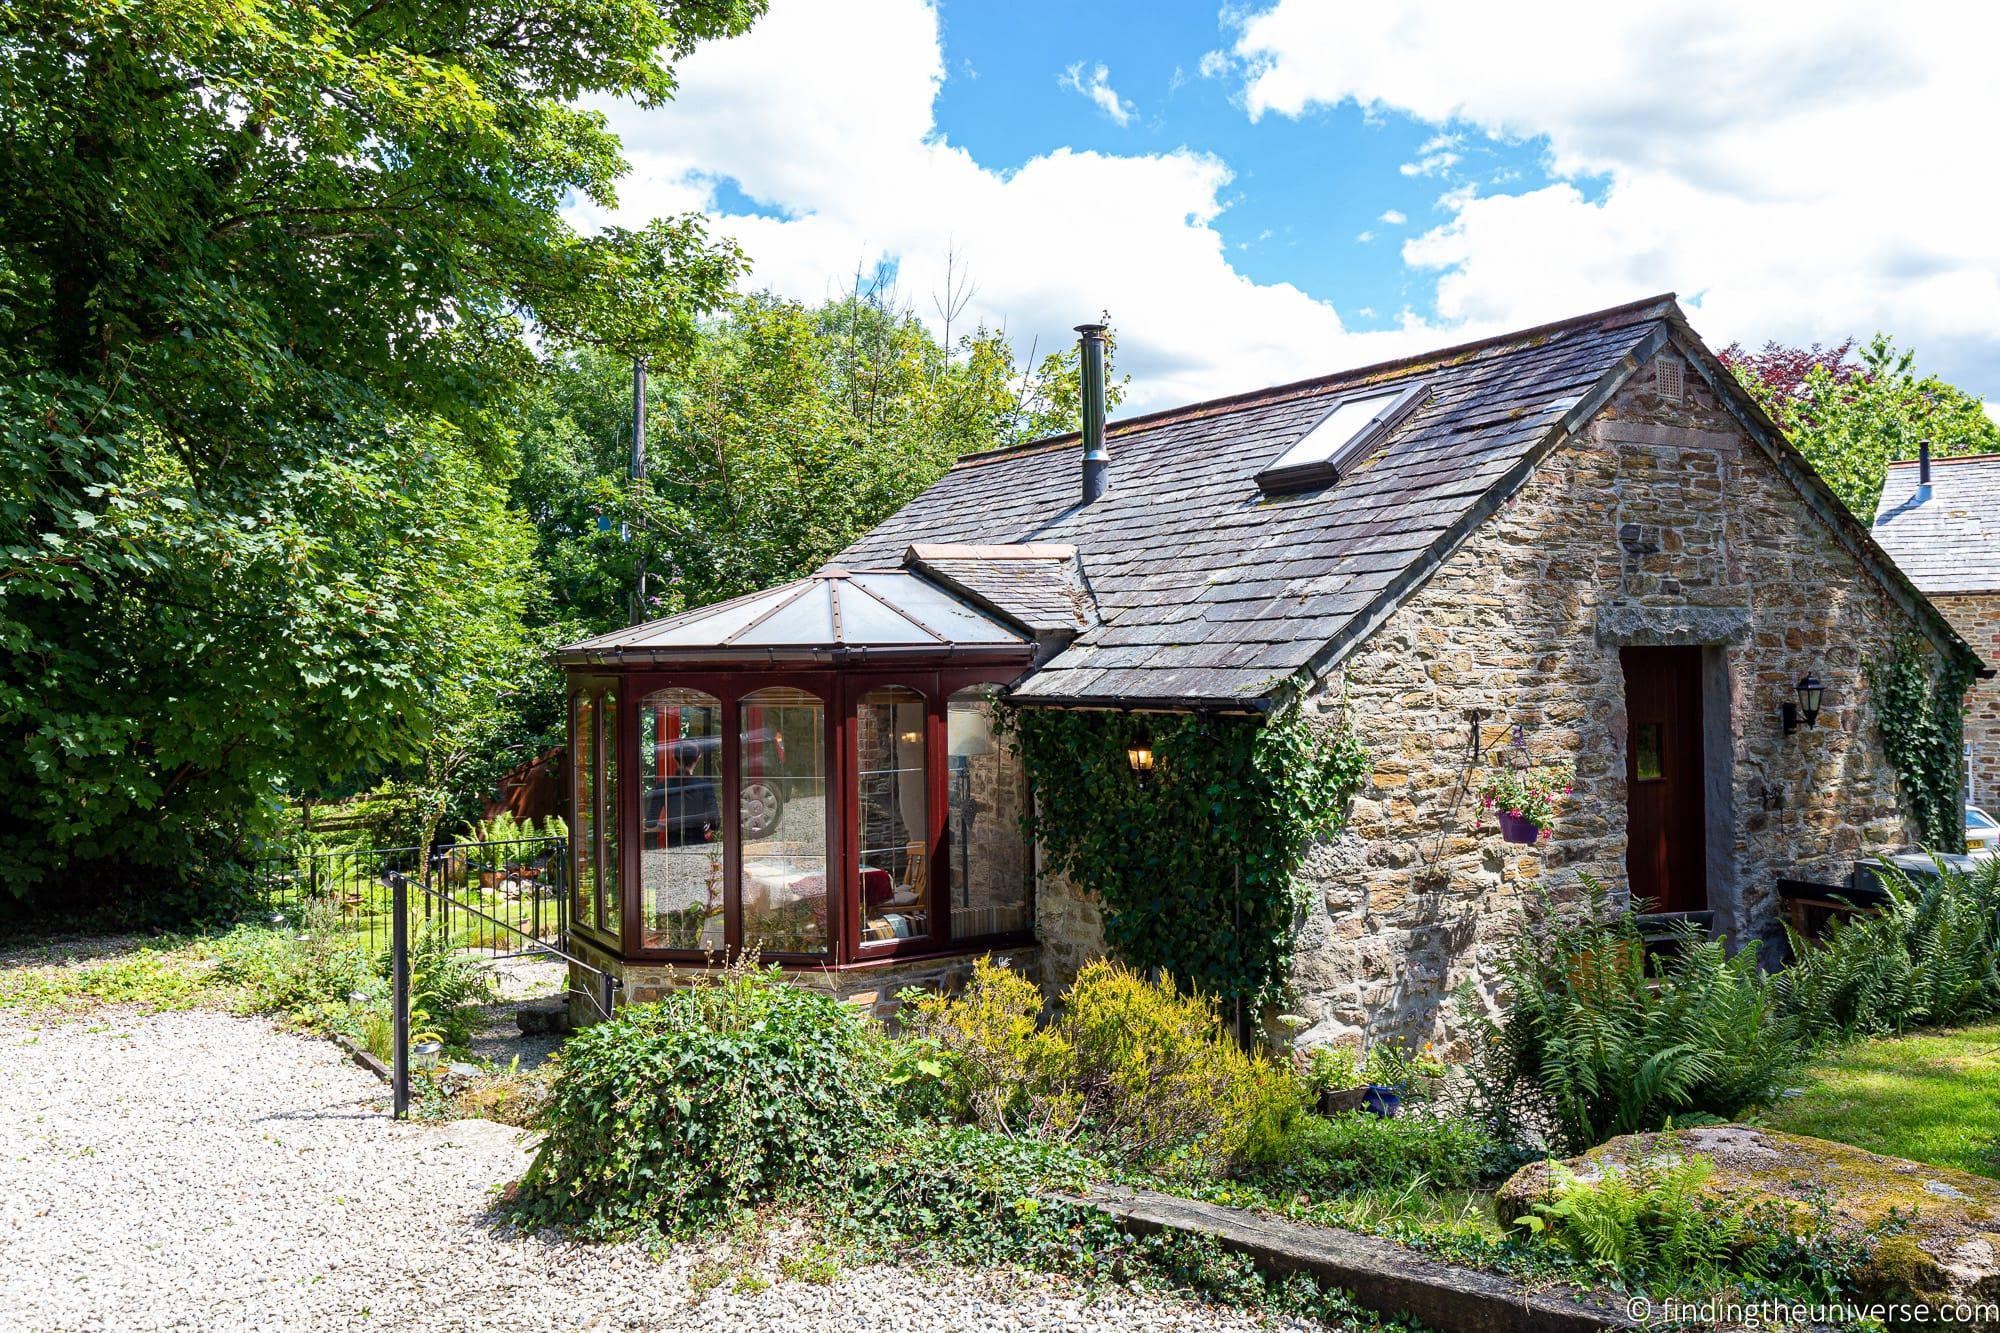 Holiday cottage cornwall UK